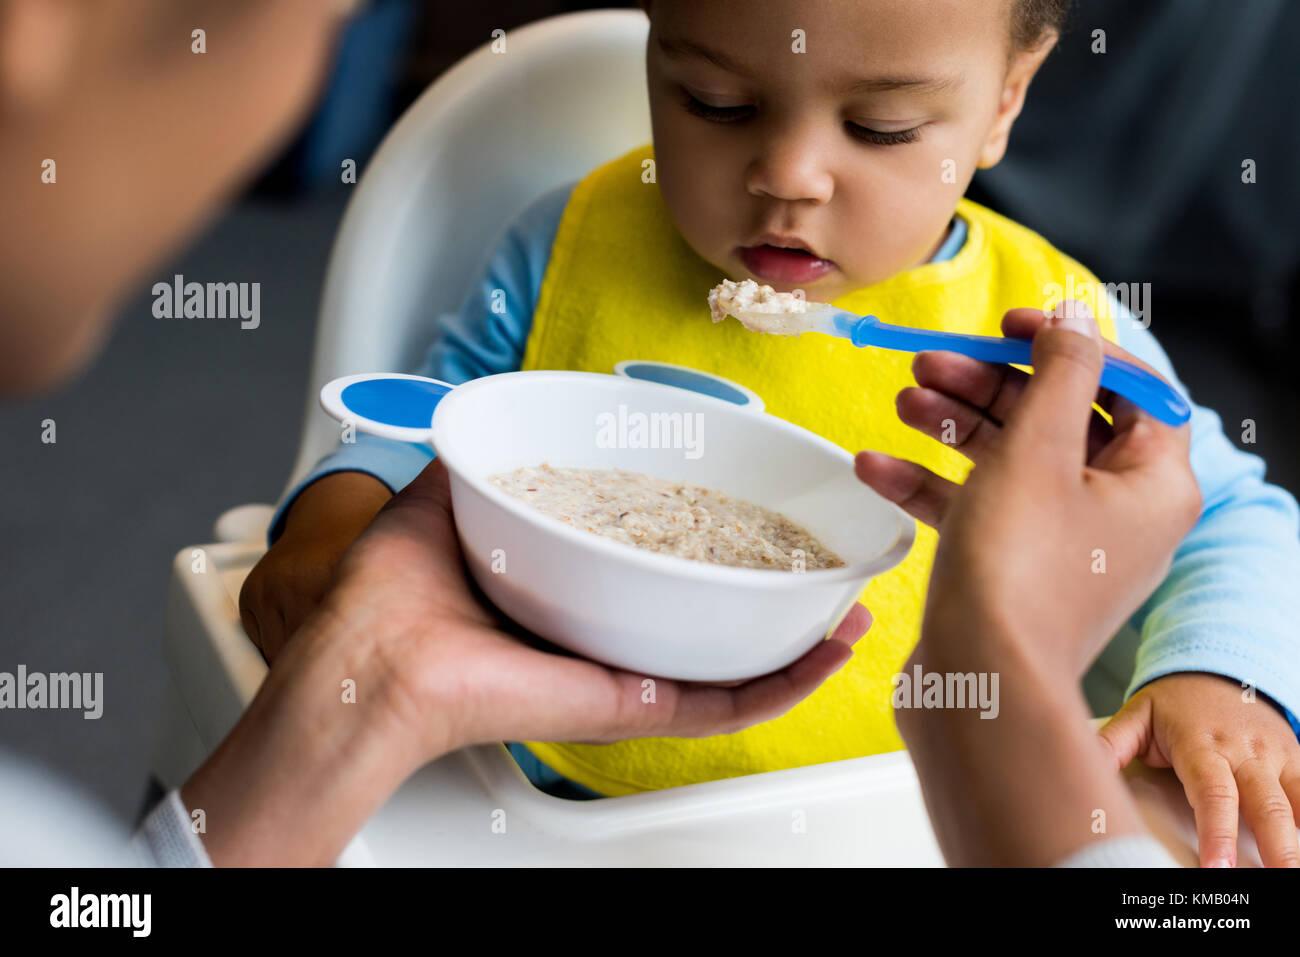 little son eating porridge - Stock Image